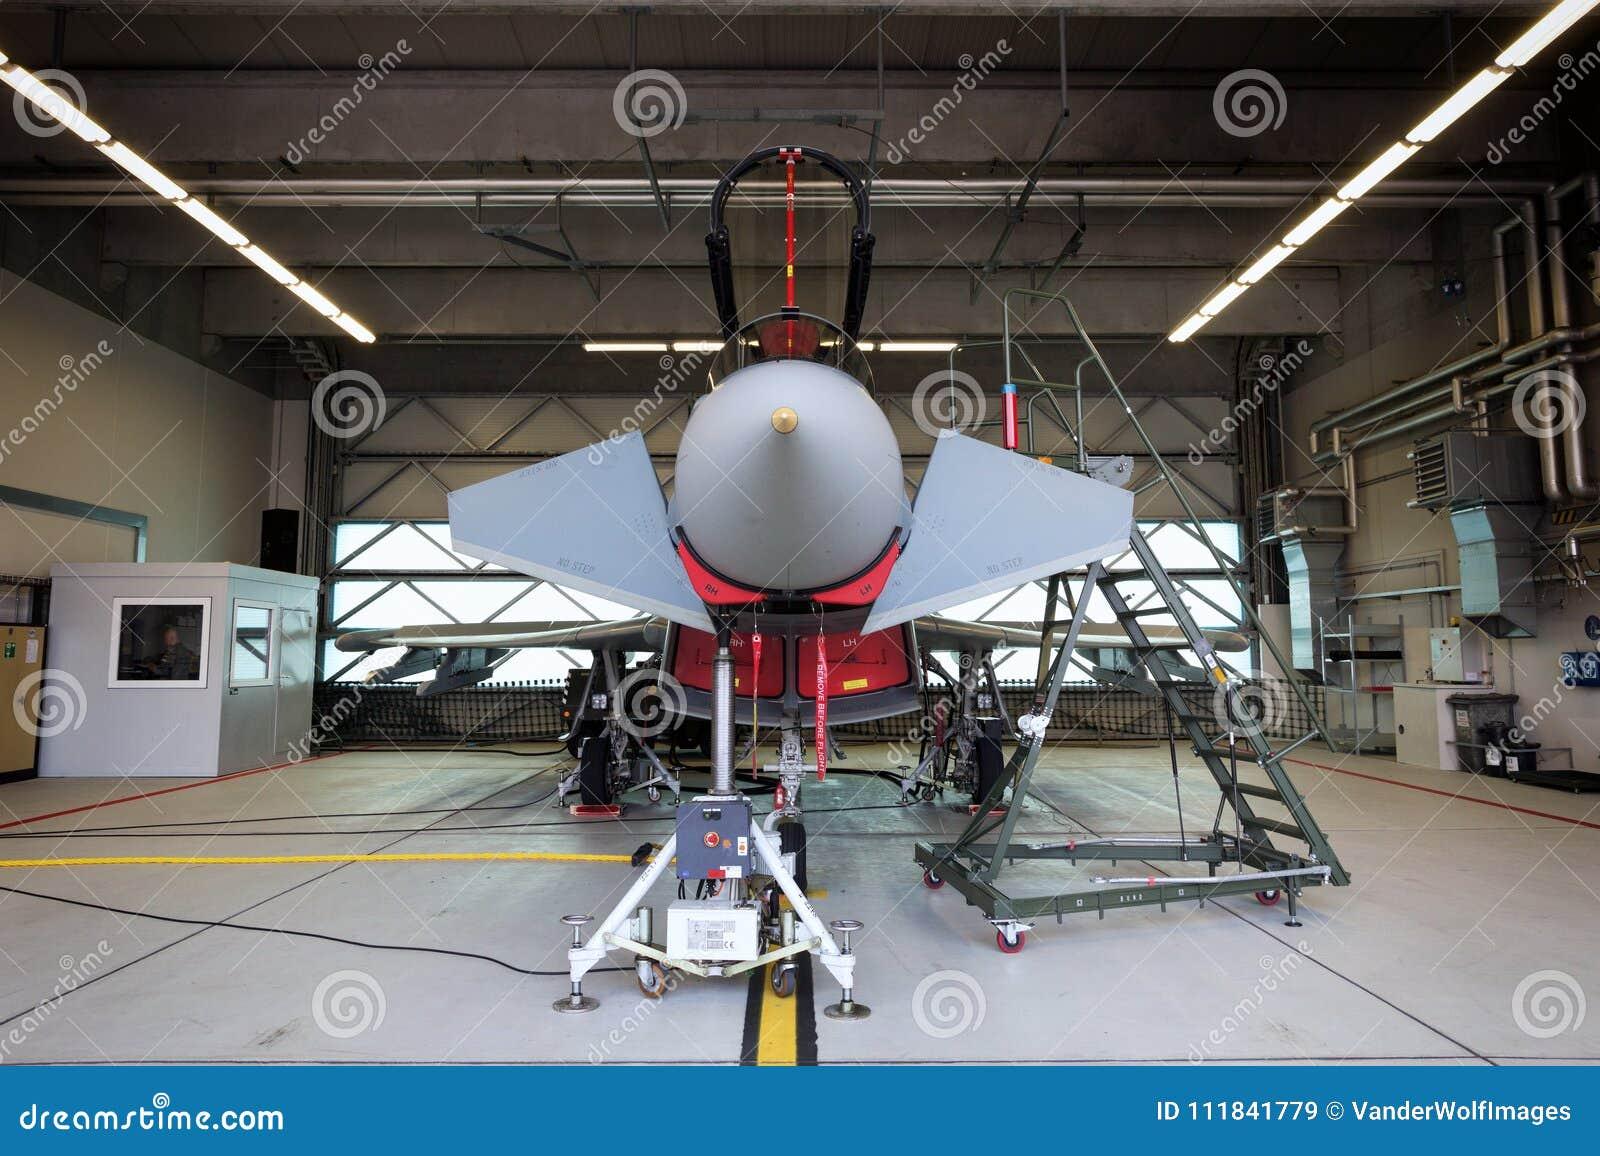 Aereo Da Caccia Efa : Un aereo ucraino è stato intercettato da caccia italiani